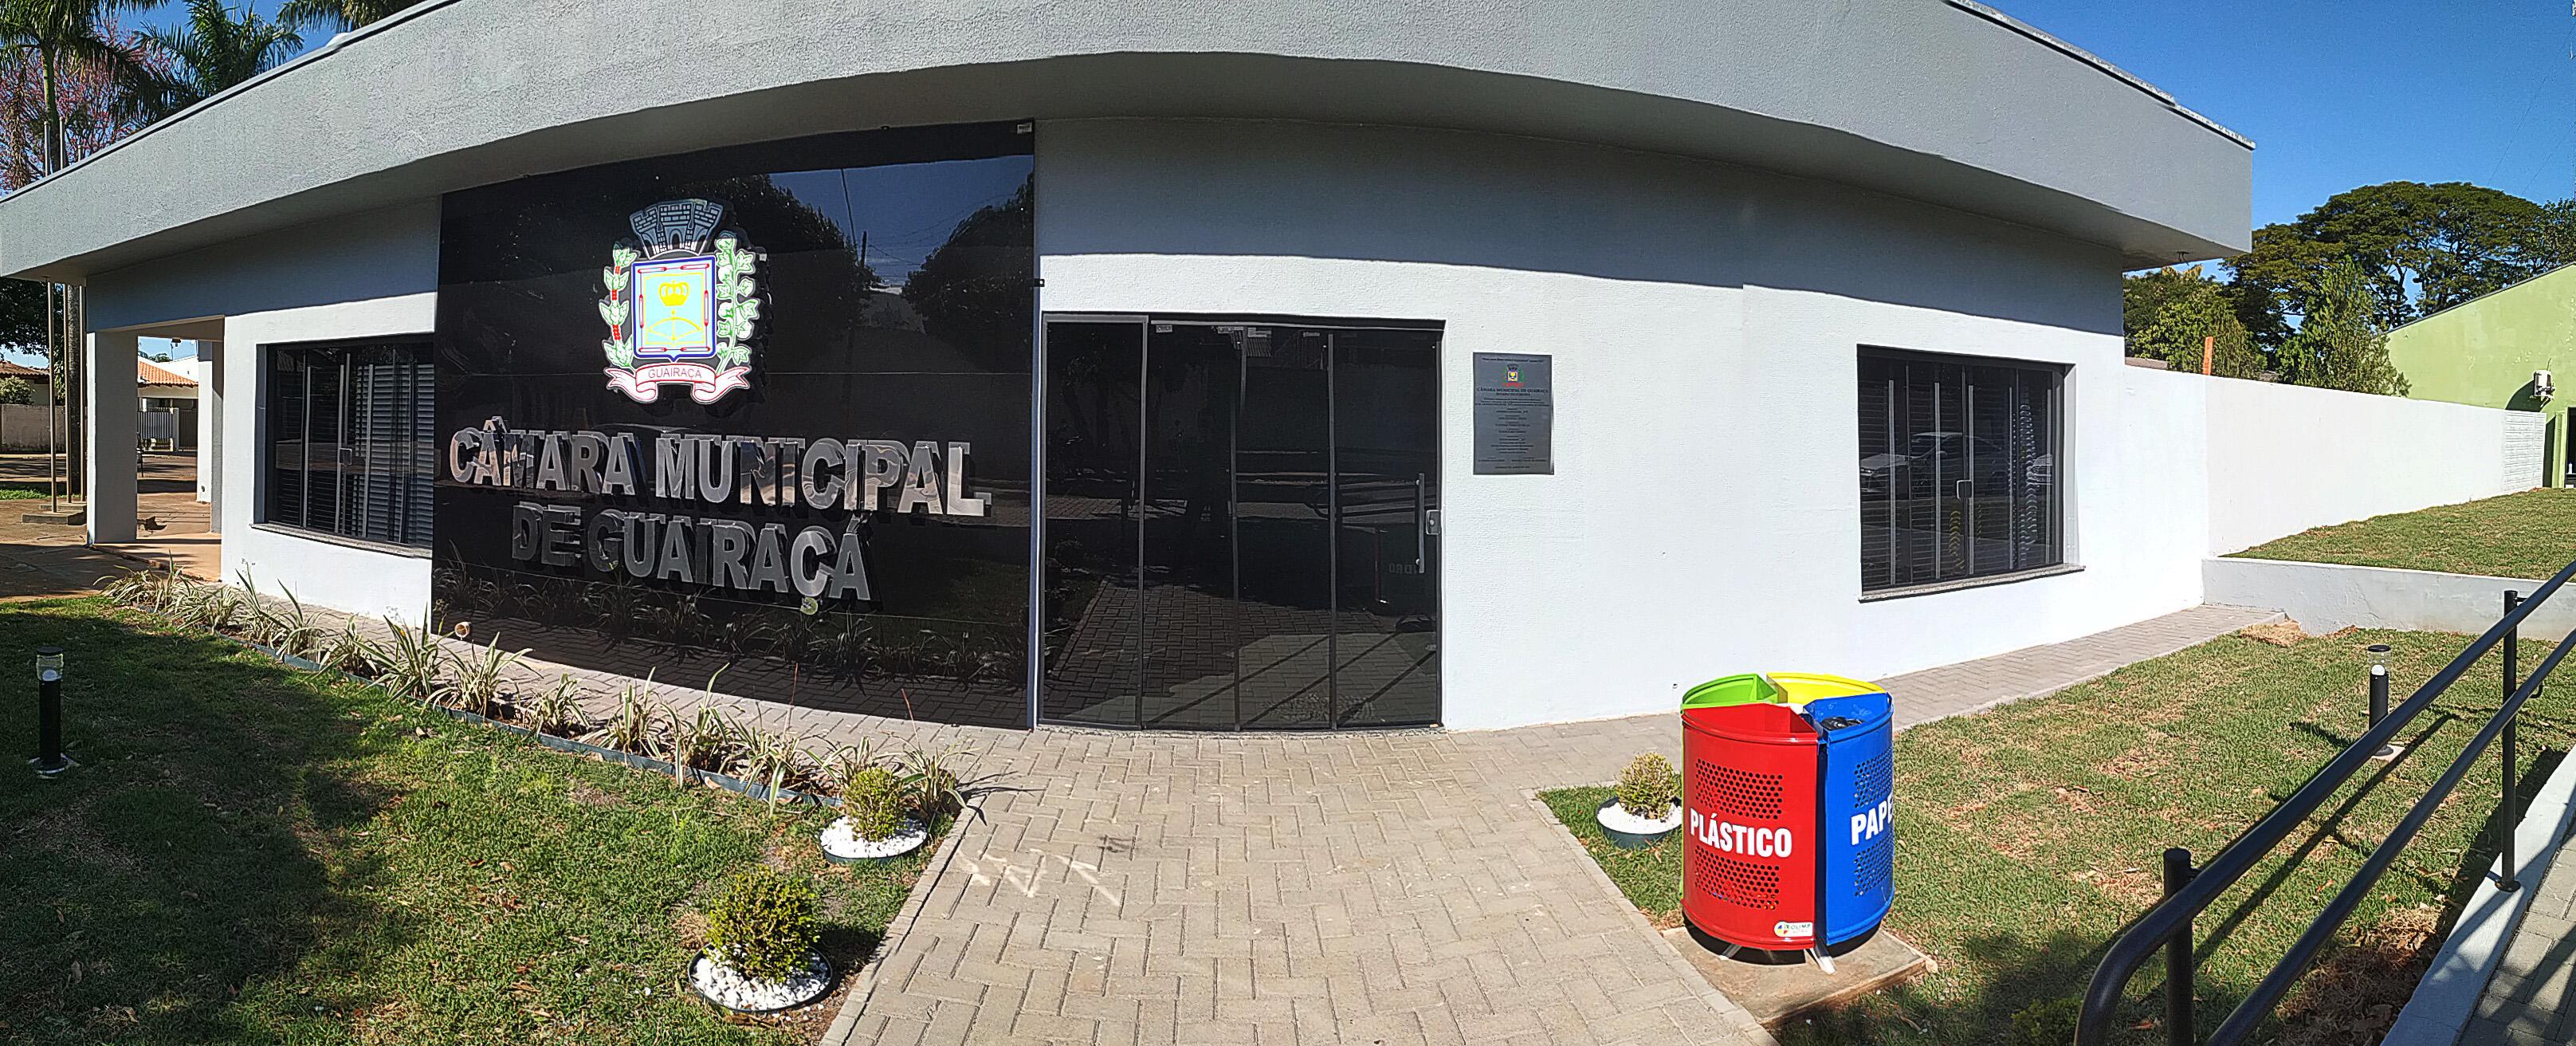 Câmara Municipal de Guairaçá-PR